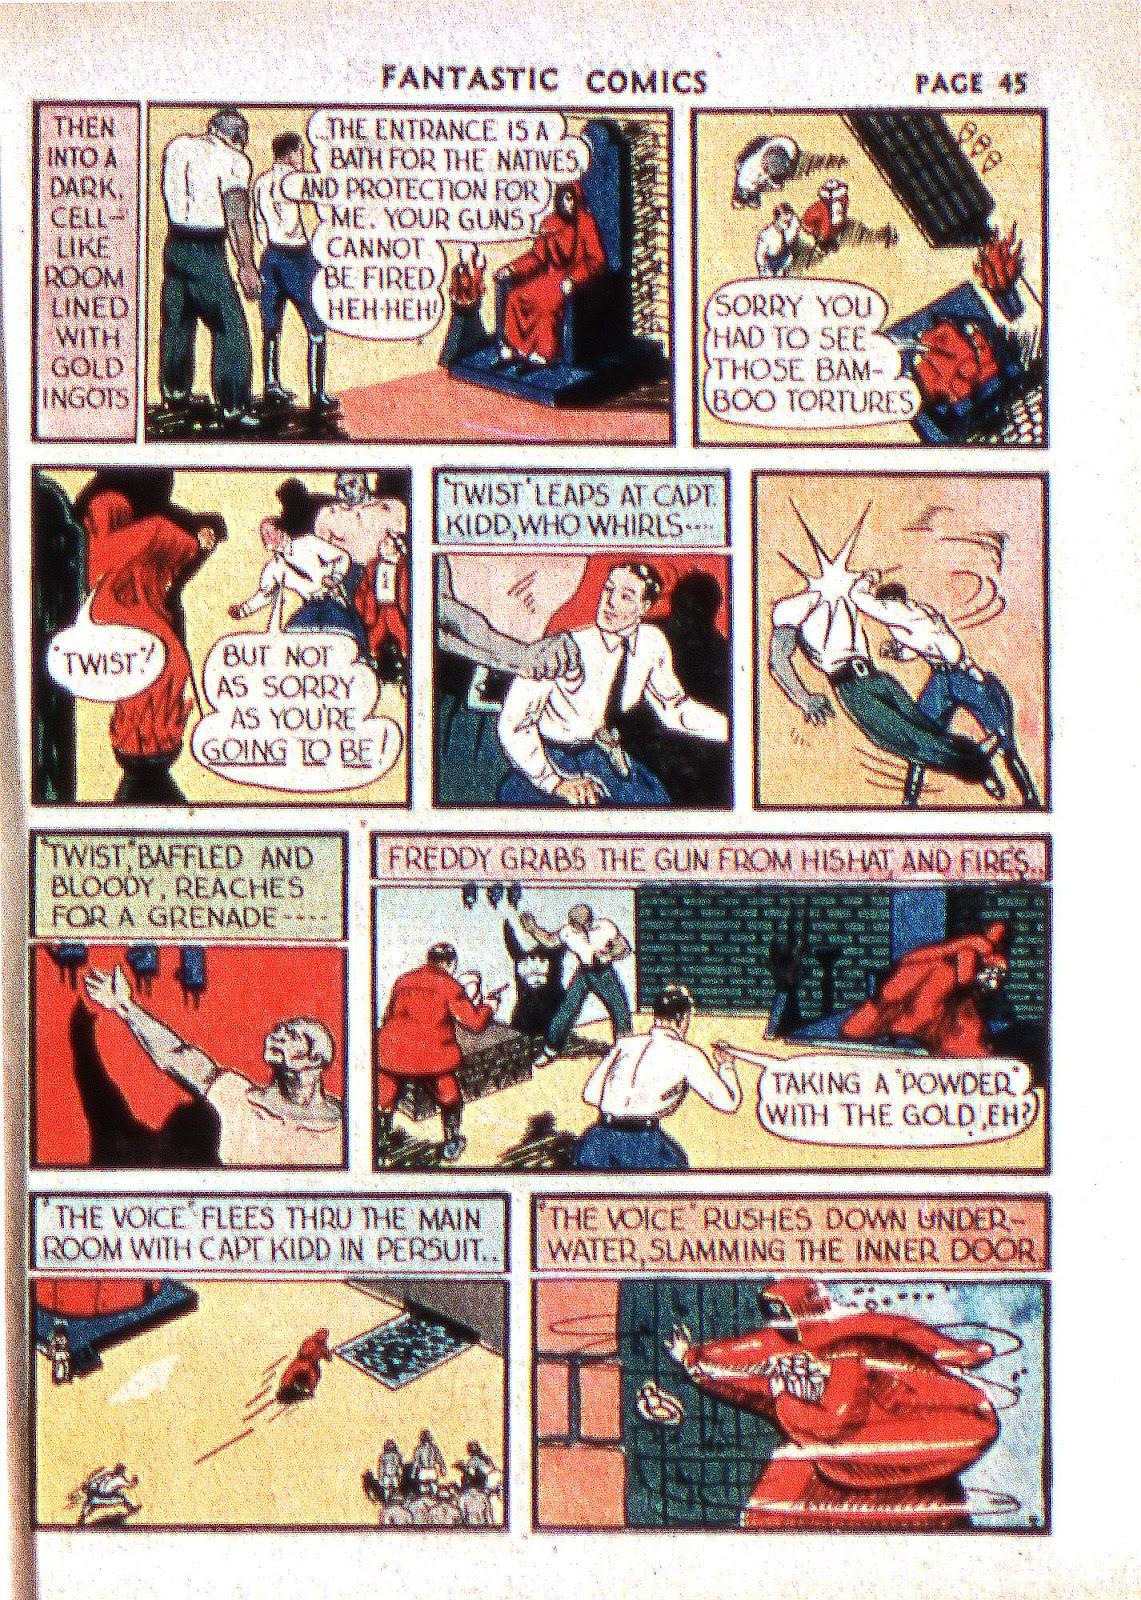 Read online Fantastic Comics comic -  Issue #2 - 46